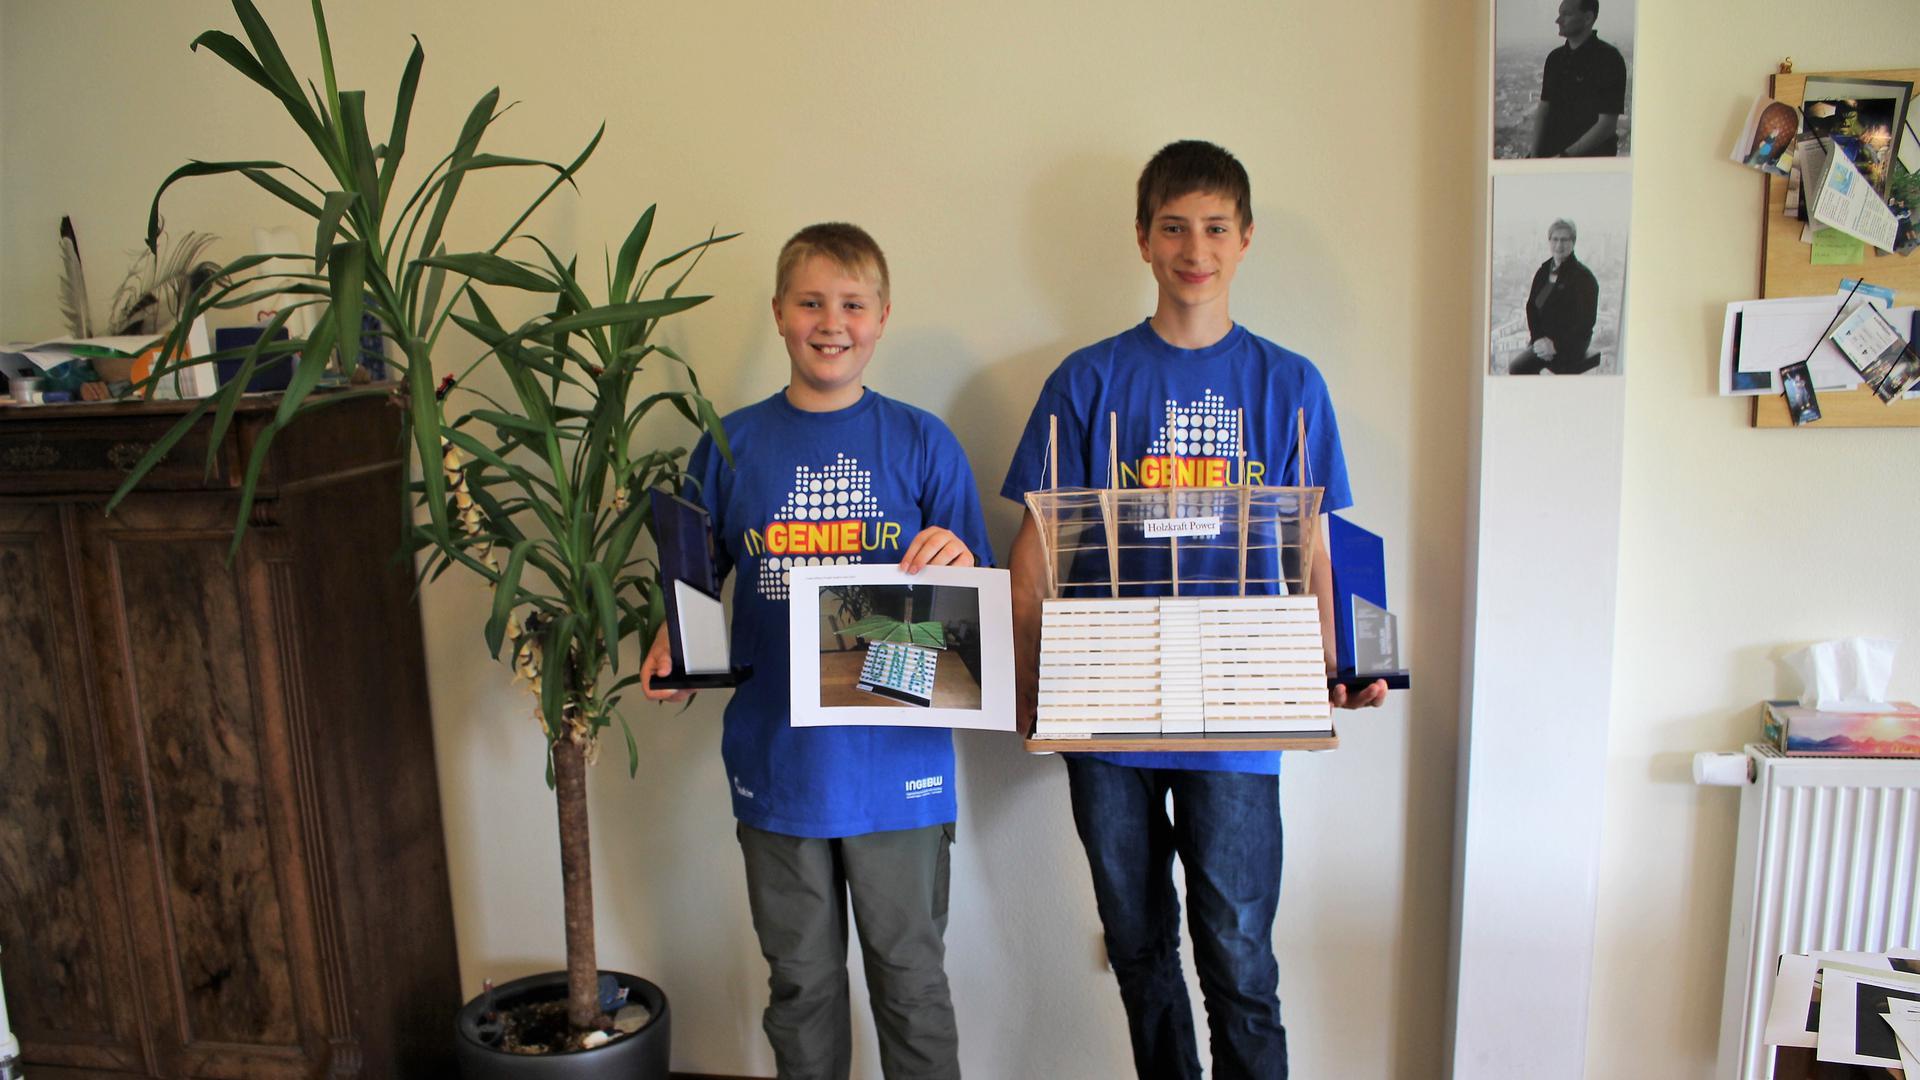 Tobias und Fabian Kilthau mit ihren preisgekrönten Modellen